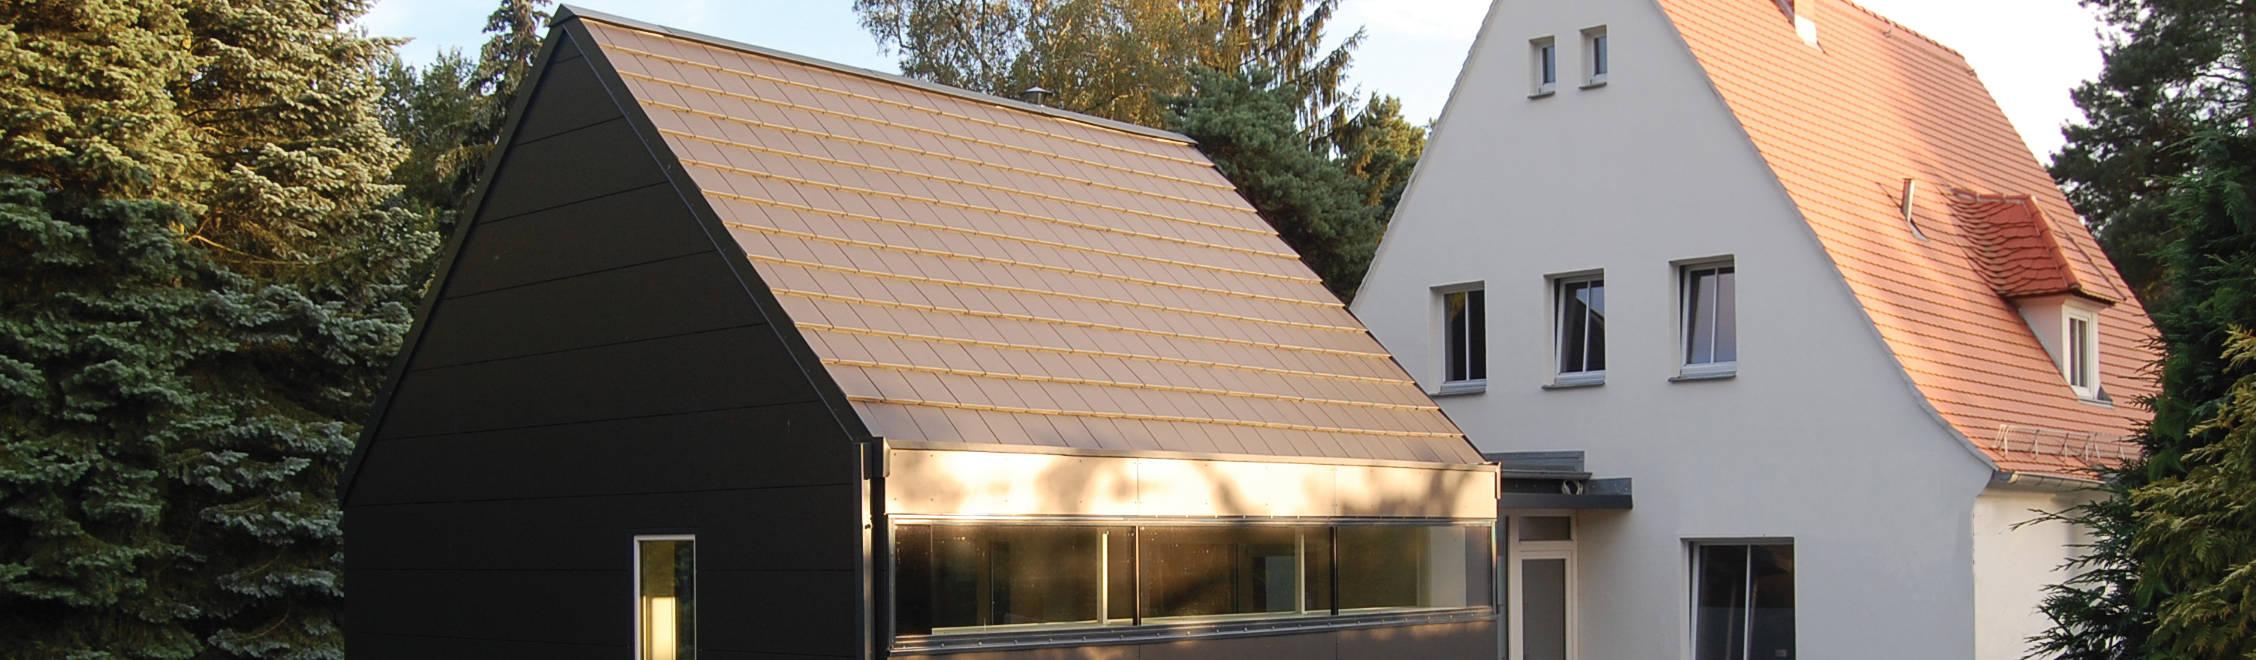 Rentzsch Architekten Architekten In Dresden Neustadt Homify